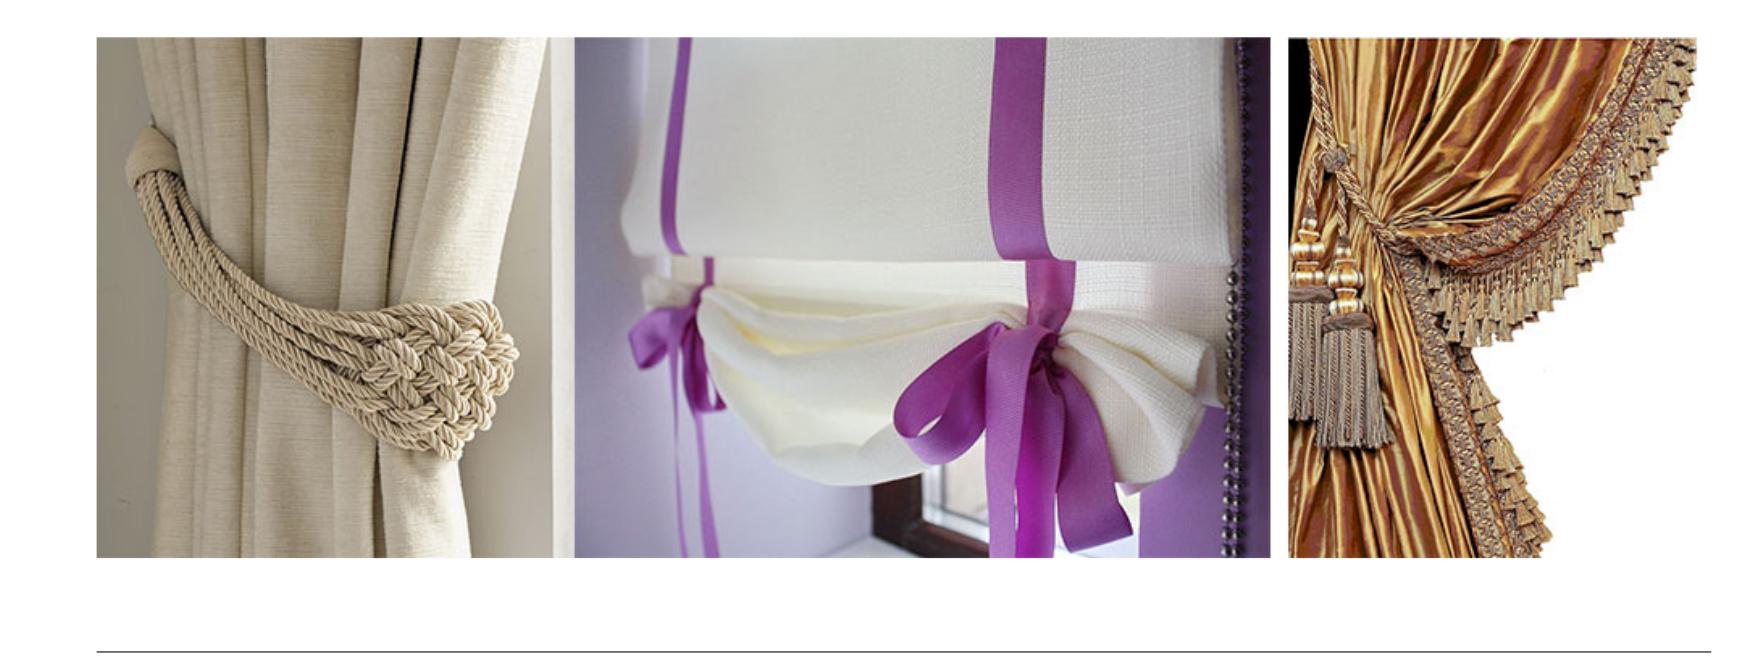 Мобильный портной - ремонтировать и шить одежду, дамашний текстиль это просто